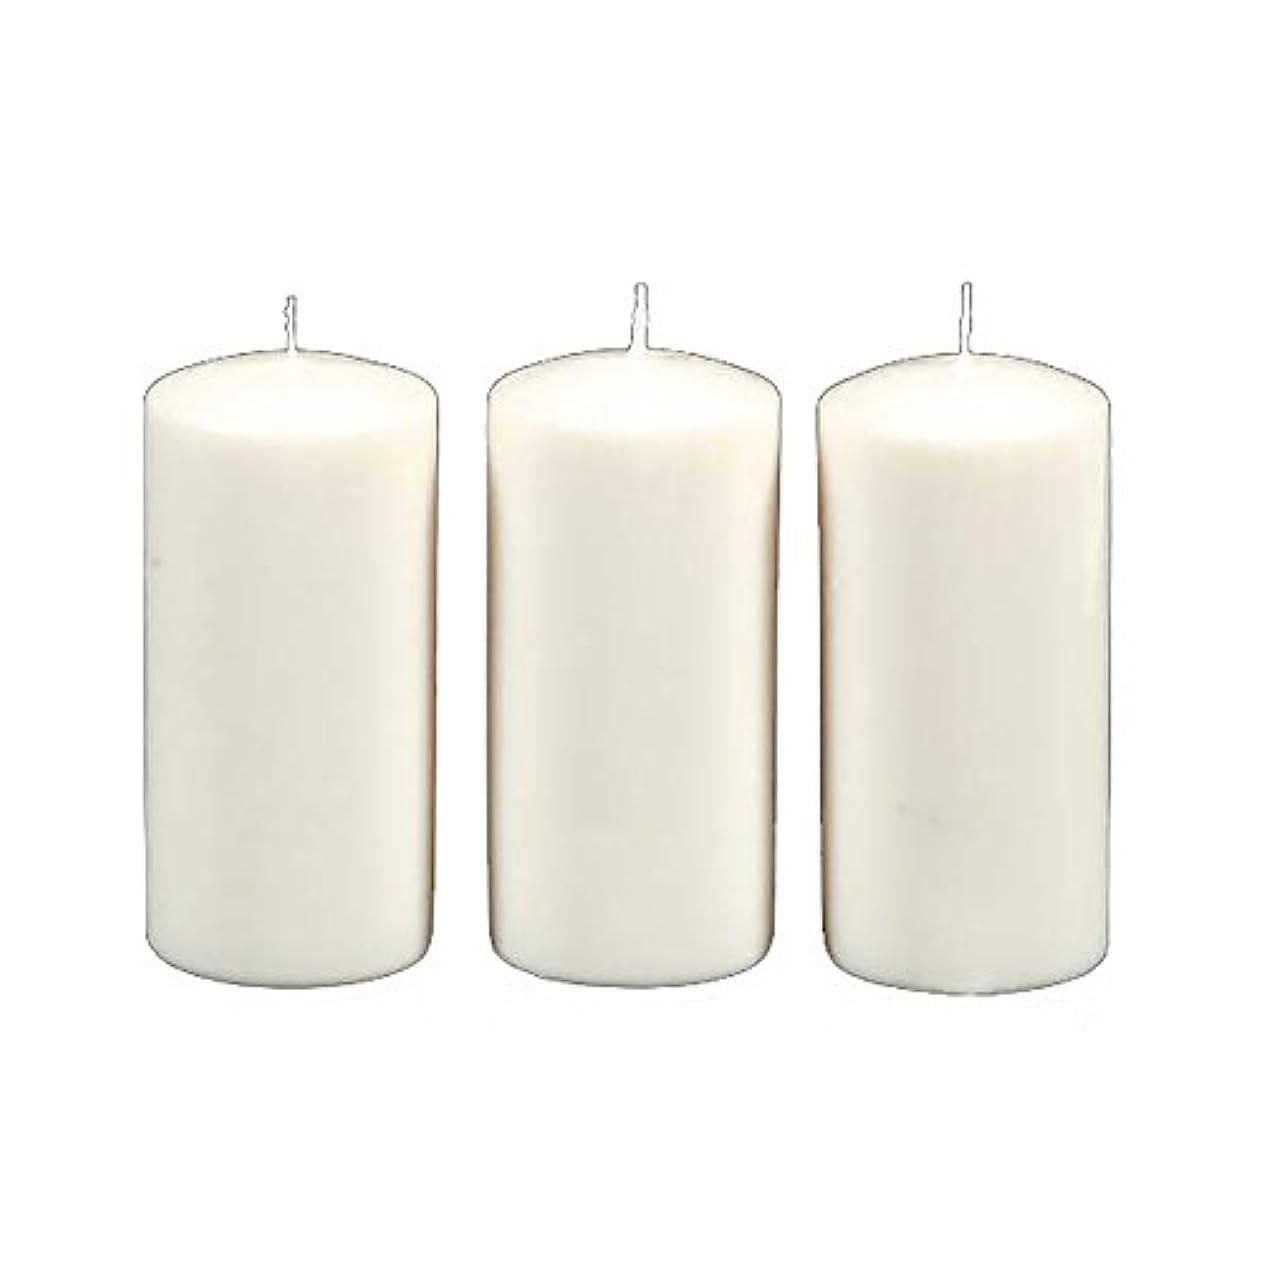 値下げ勃起発掘するDarice 3-Piece Unscented Pillar Candles, 3 Inch by 6-Inch, White by Darice